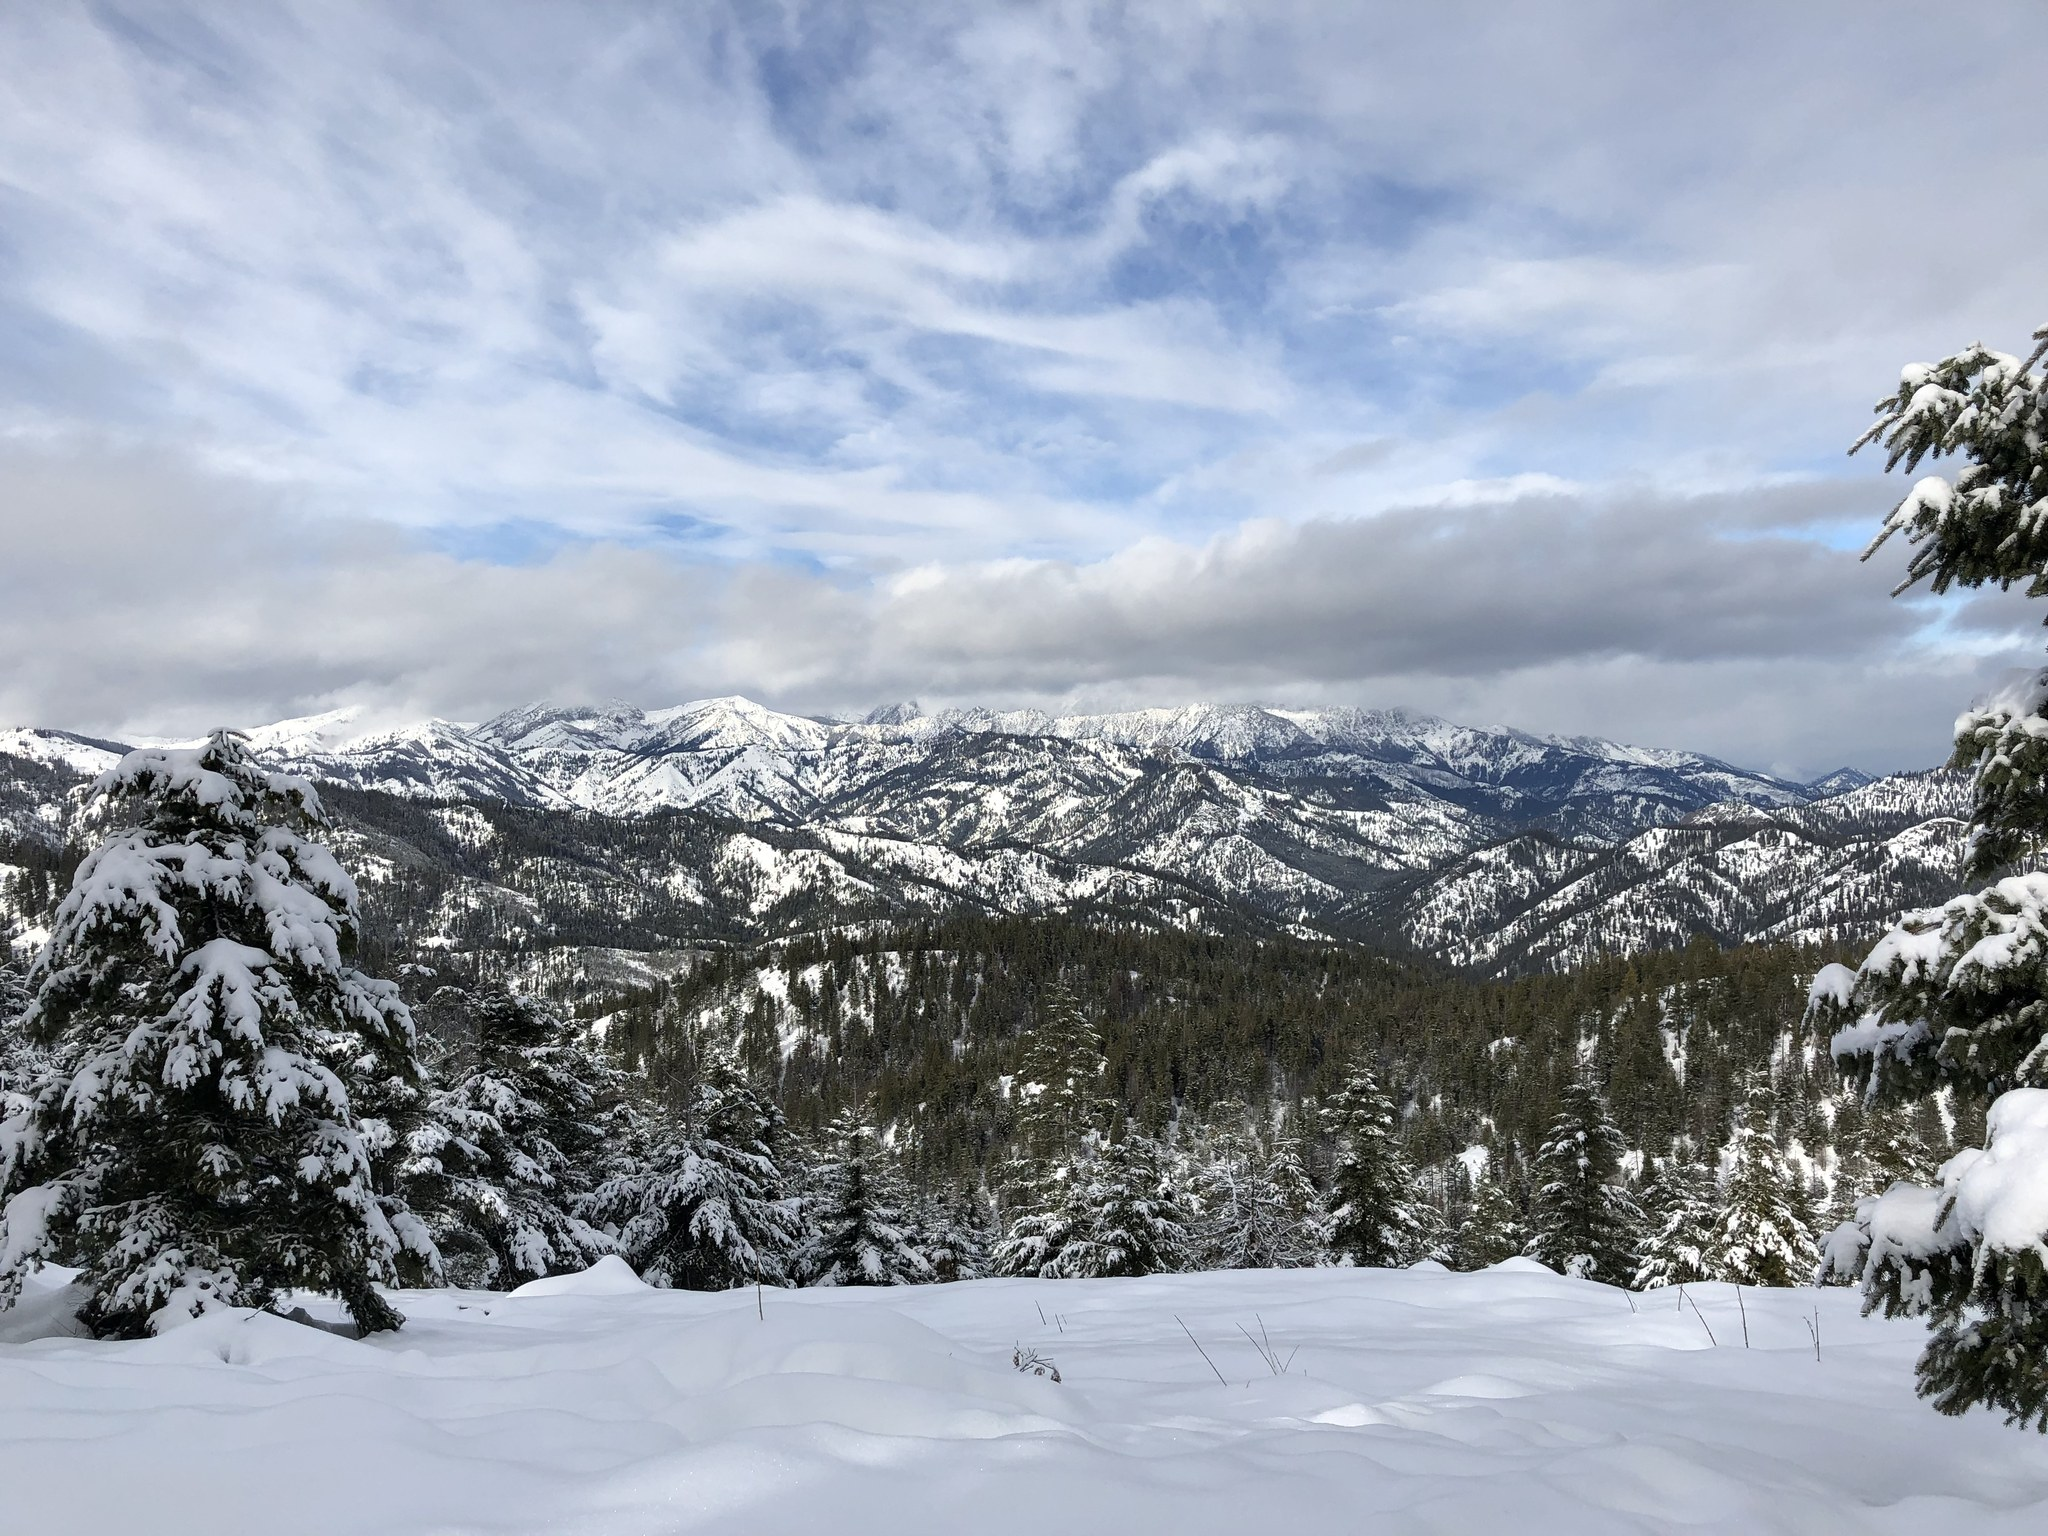 Wenatchee Crest Snowshoe by CallieAnn.jpeg